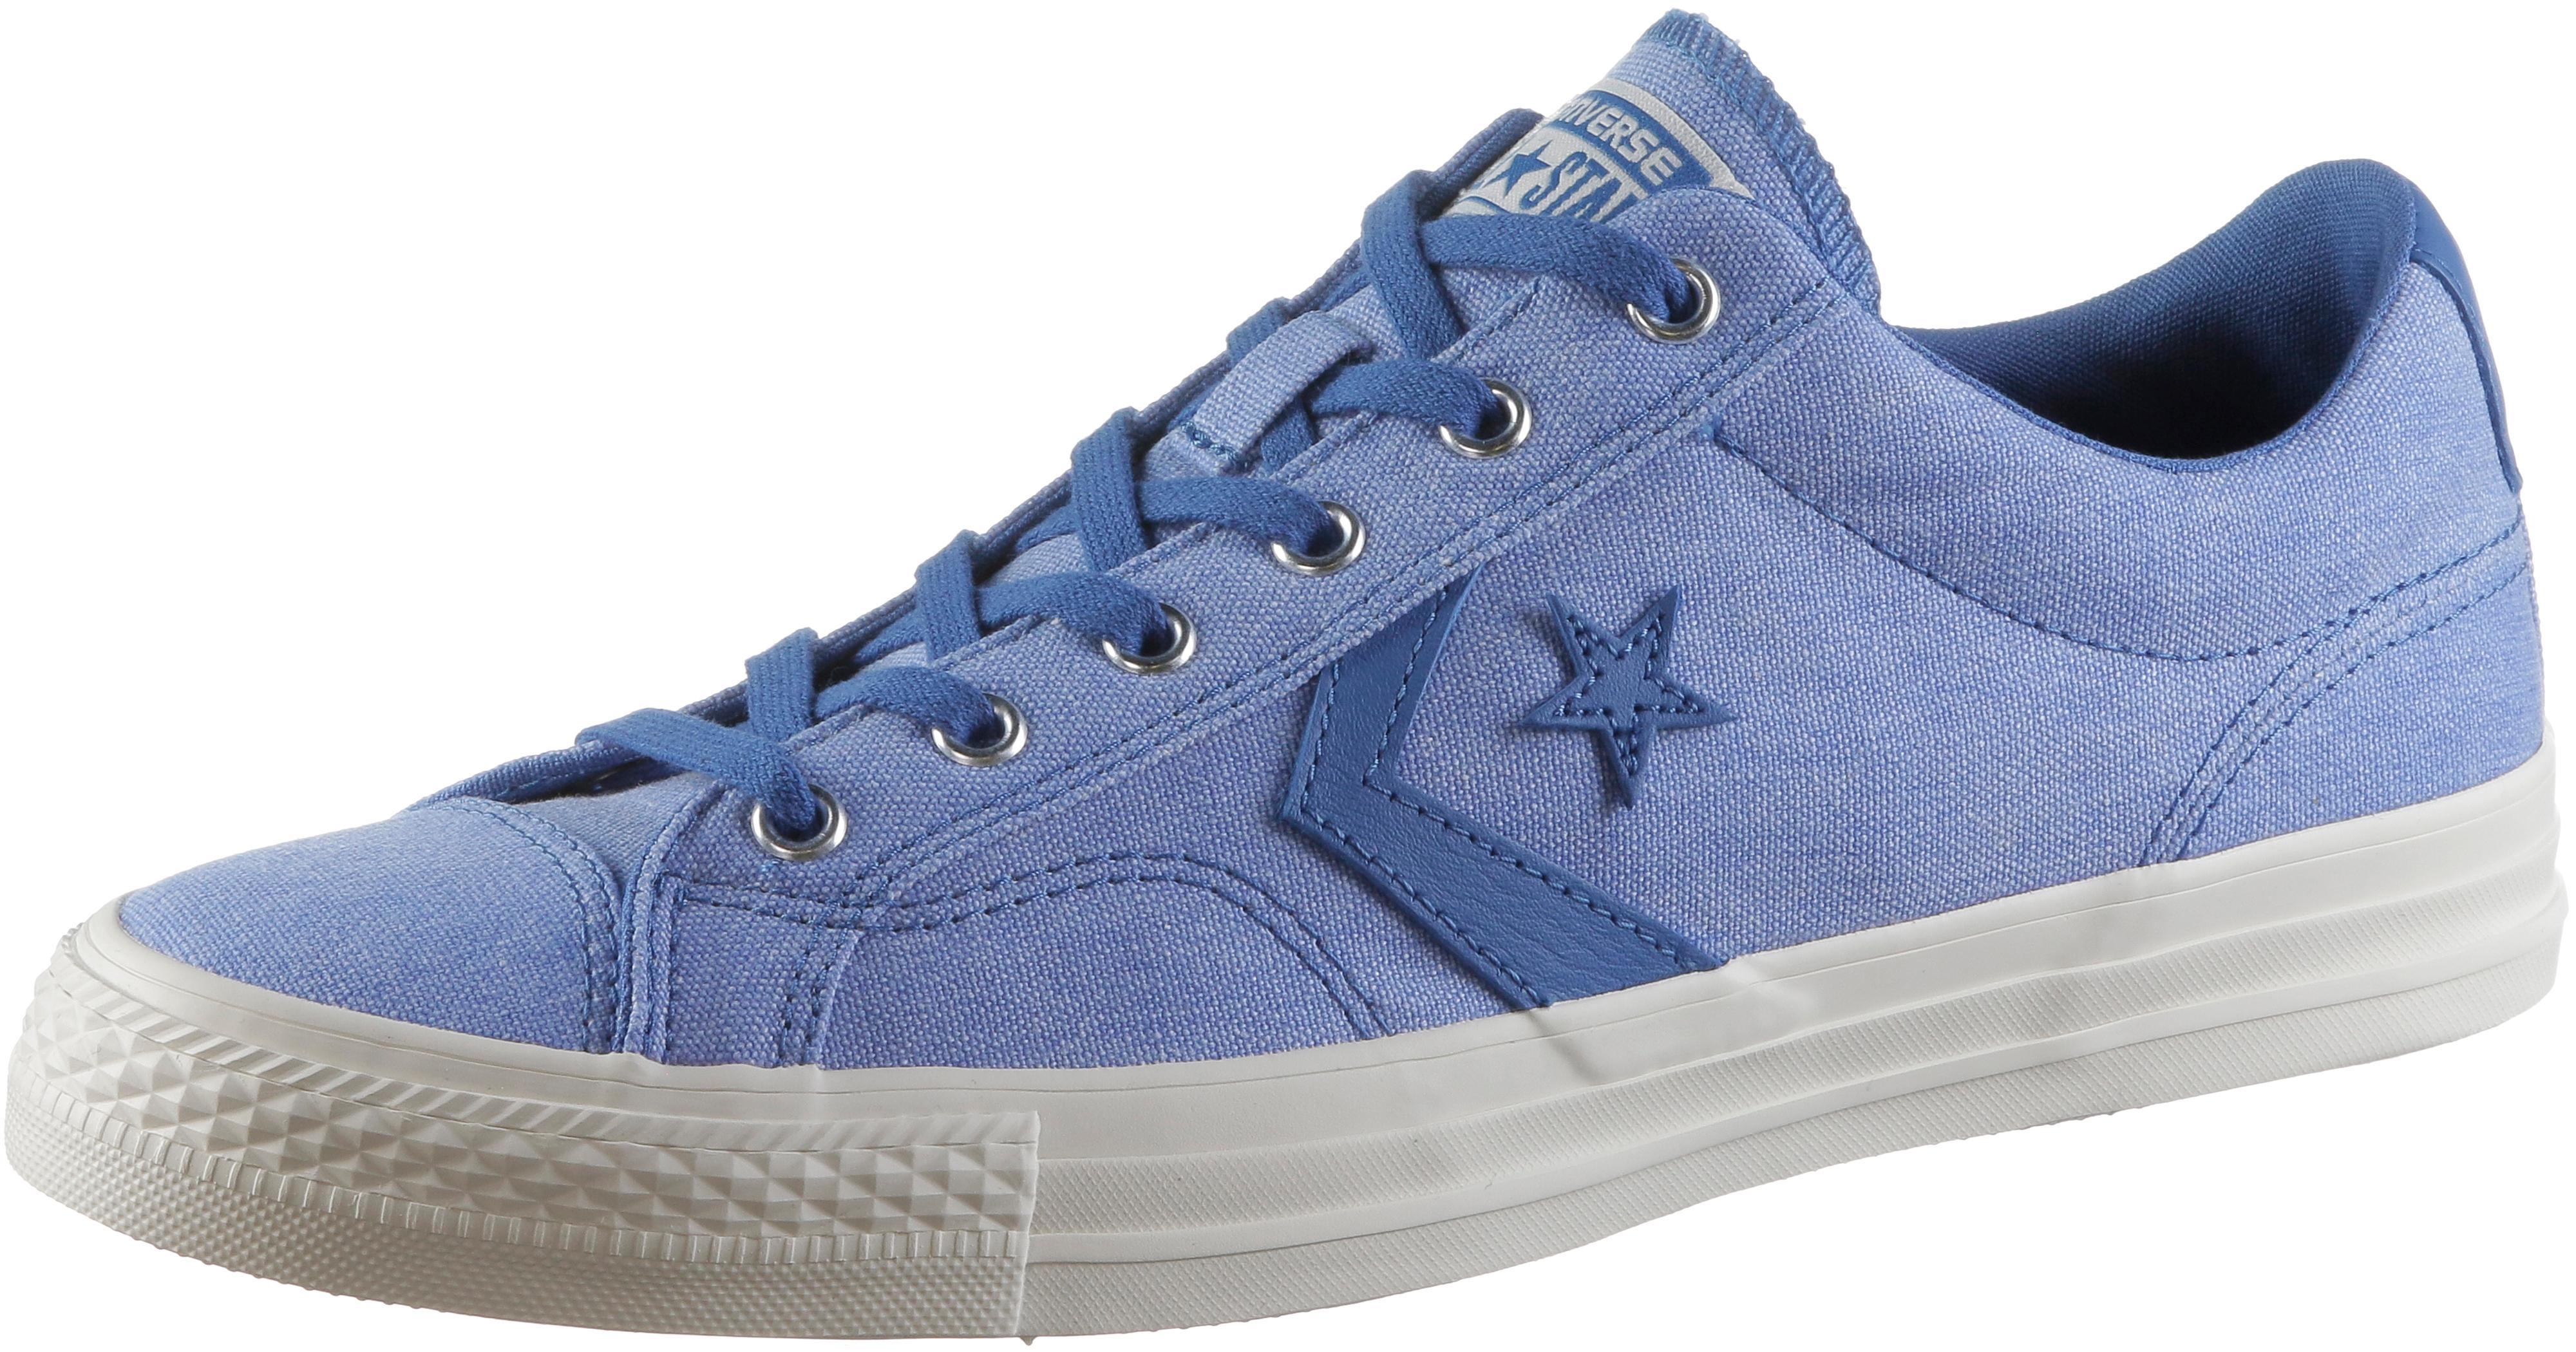 CONVERSE STAR PLAYER OX Sneaker Herren nightfall blue-nightfall blue im Online Shop von SportScheck kaufen